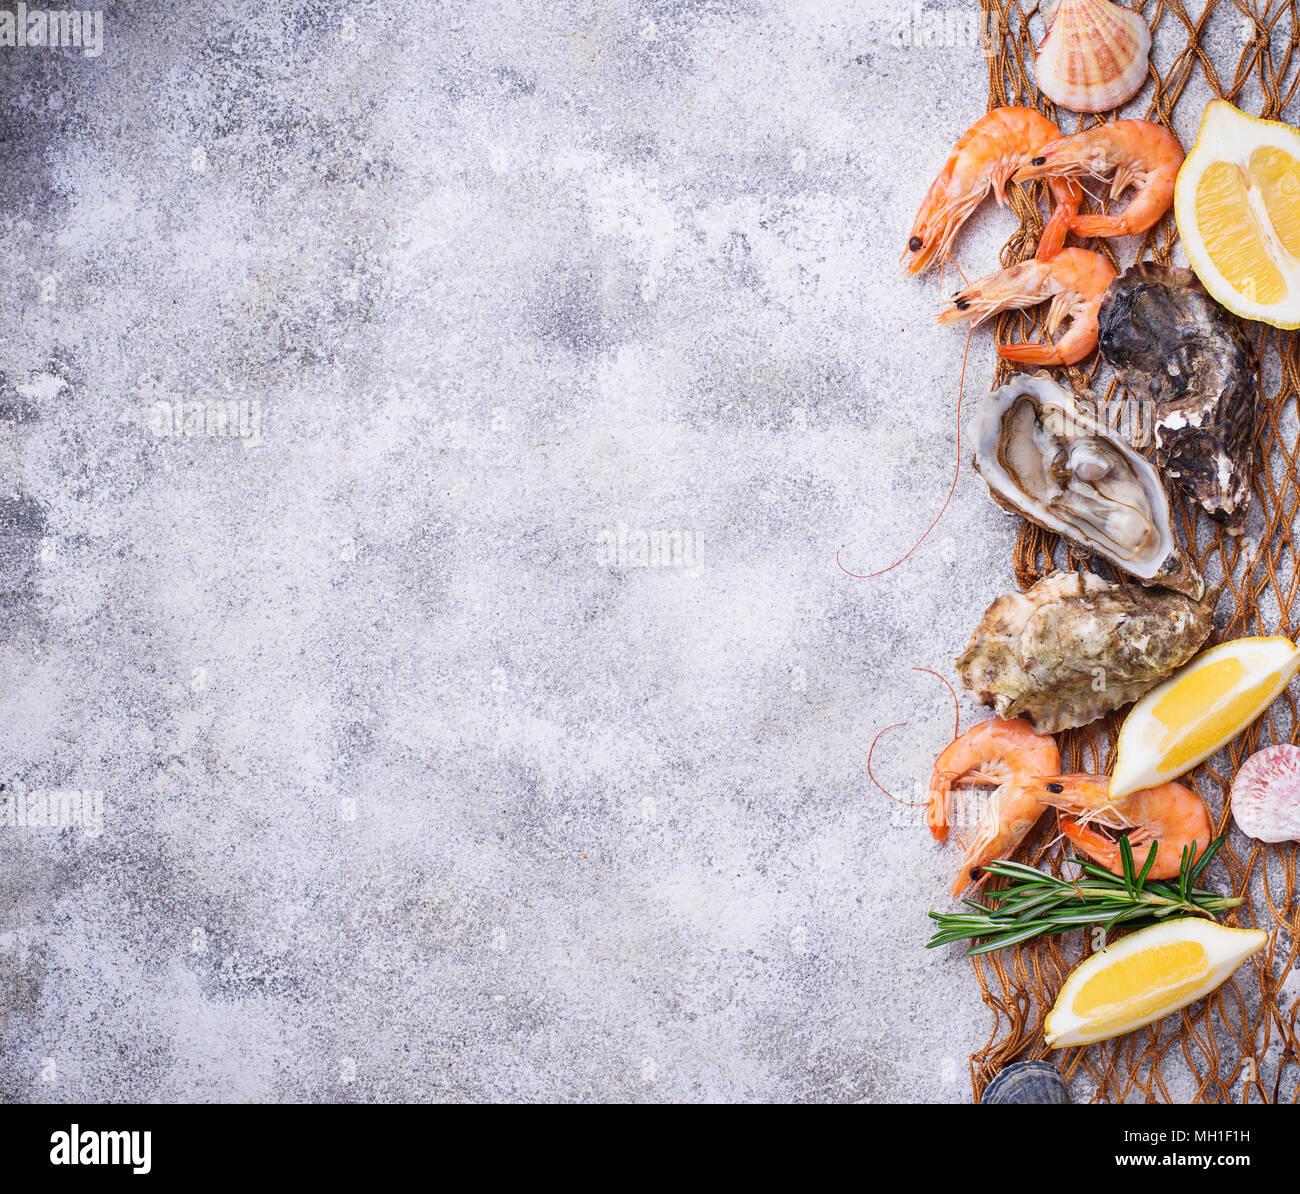 Les crevettes et les huîtres. Concept de fruits de mer Photo Stock